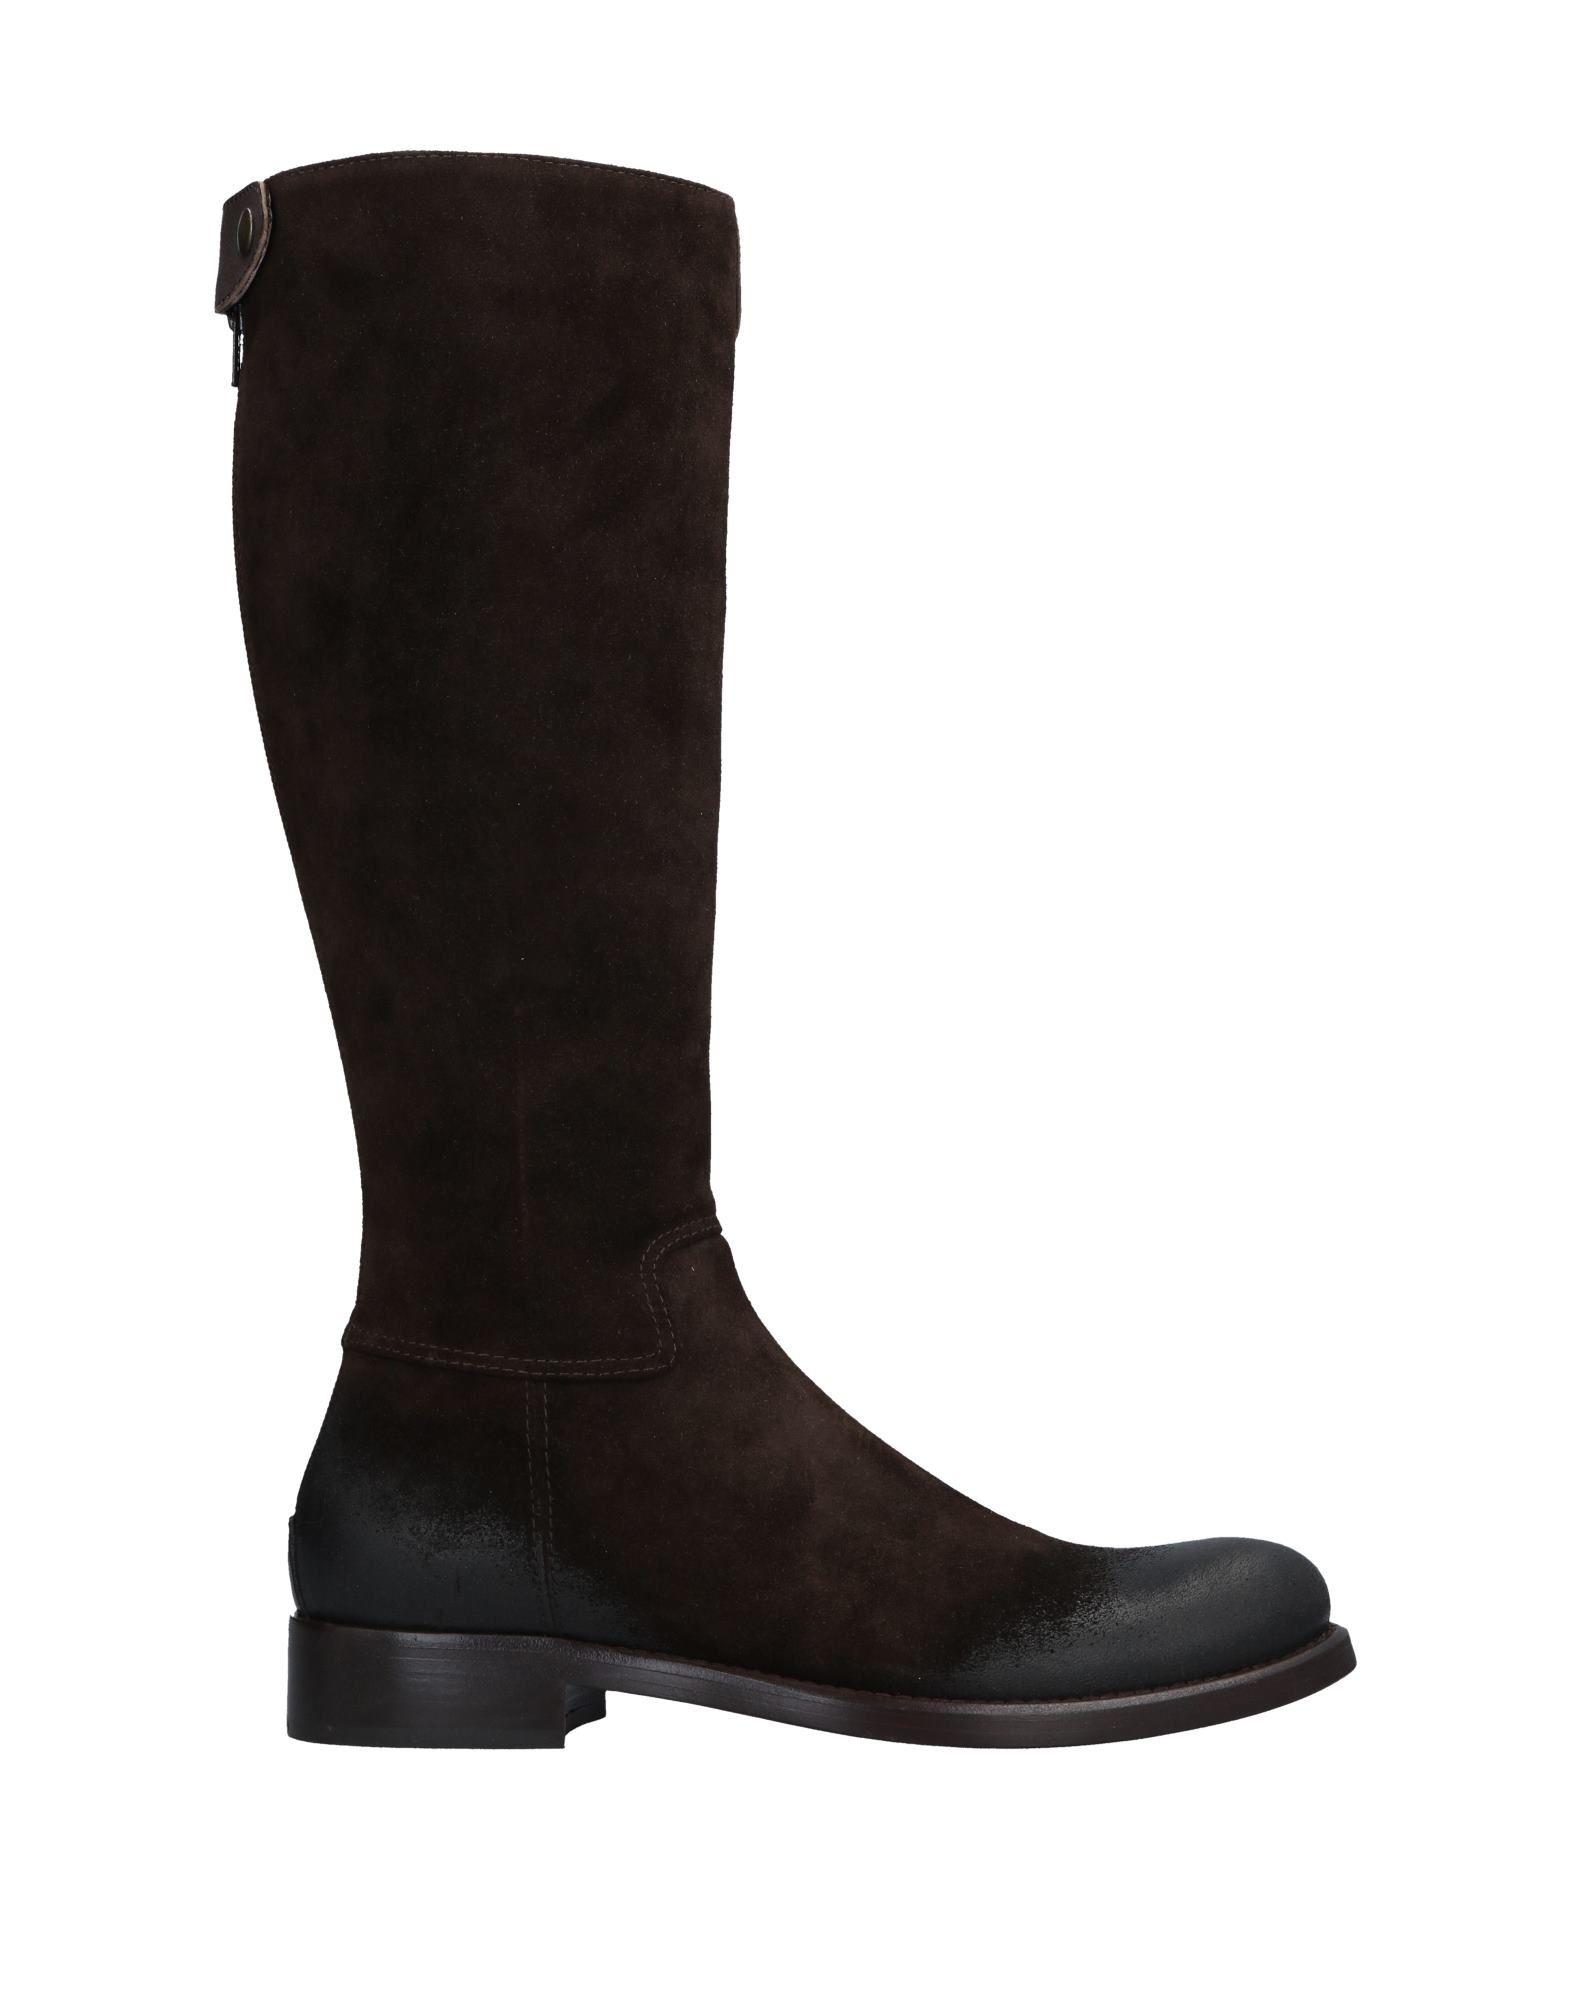 Lena Milos Boots - Women Lena Milos Boots online 11513048HB on  Canada - 11513048HB online 46feb9